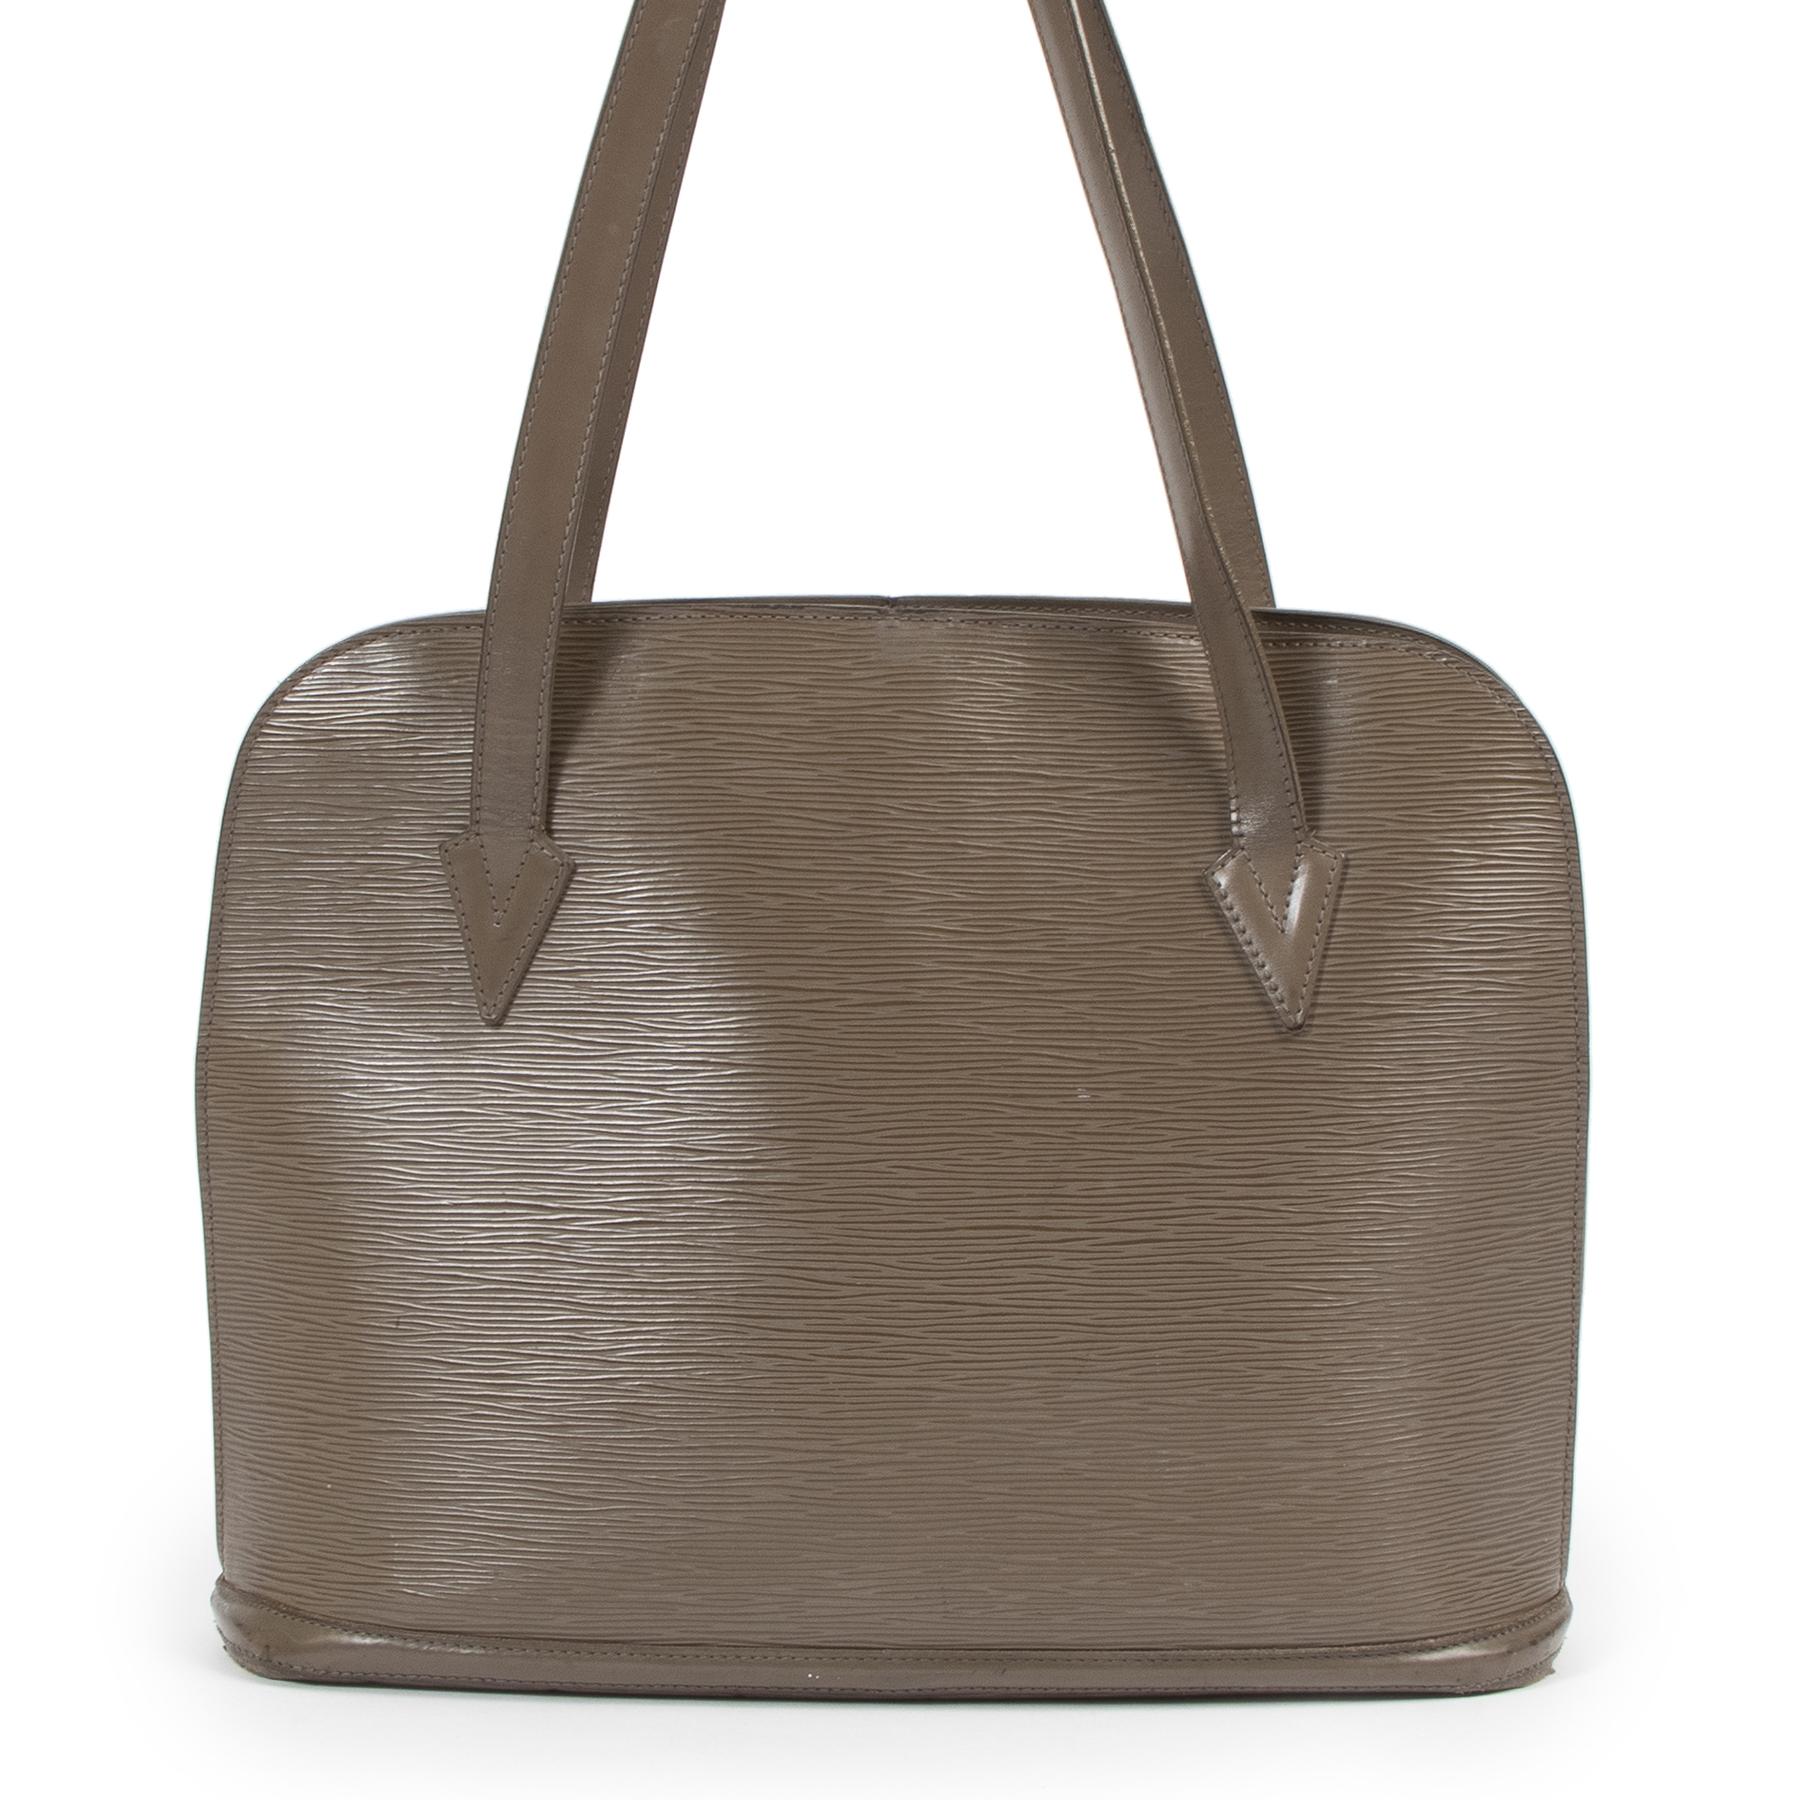 Authentieke Tweedehands Louis Vuitton Taupe Epi Leather Lussac Shoulder Bag juiste prijs veilig online shoppen luxe merken webshop winkelen Antwerpen België mode fashion